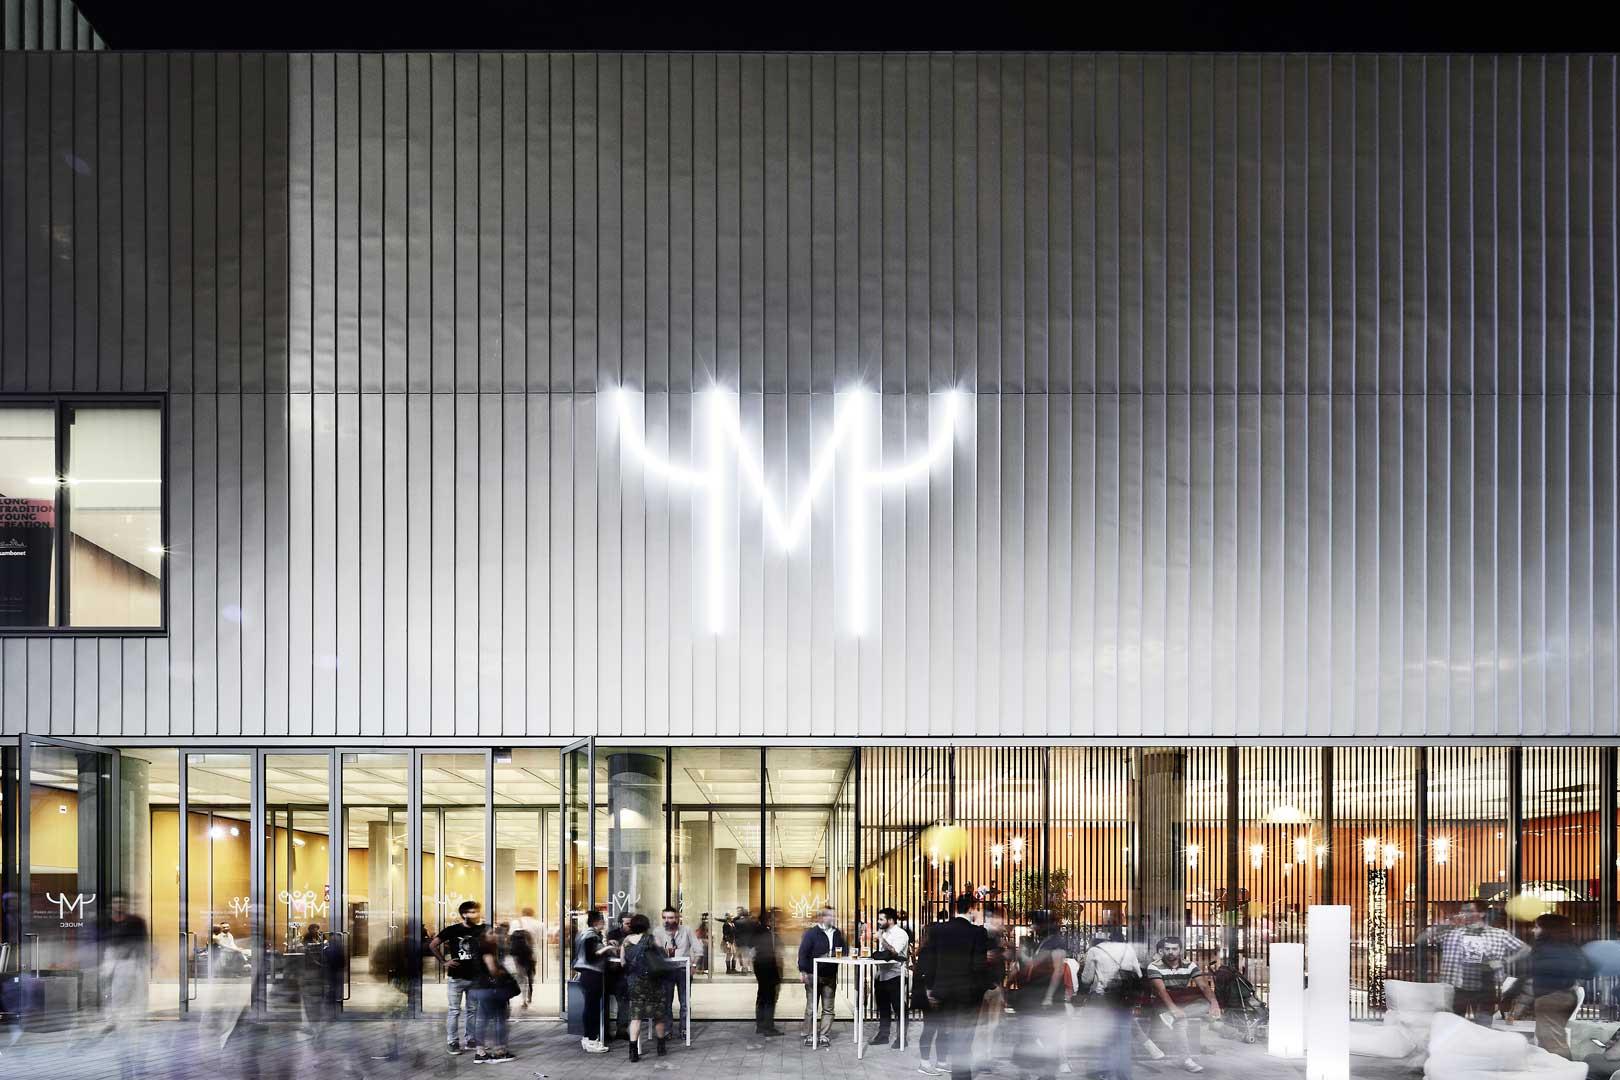 Mudec – Museum of Cultures